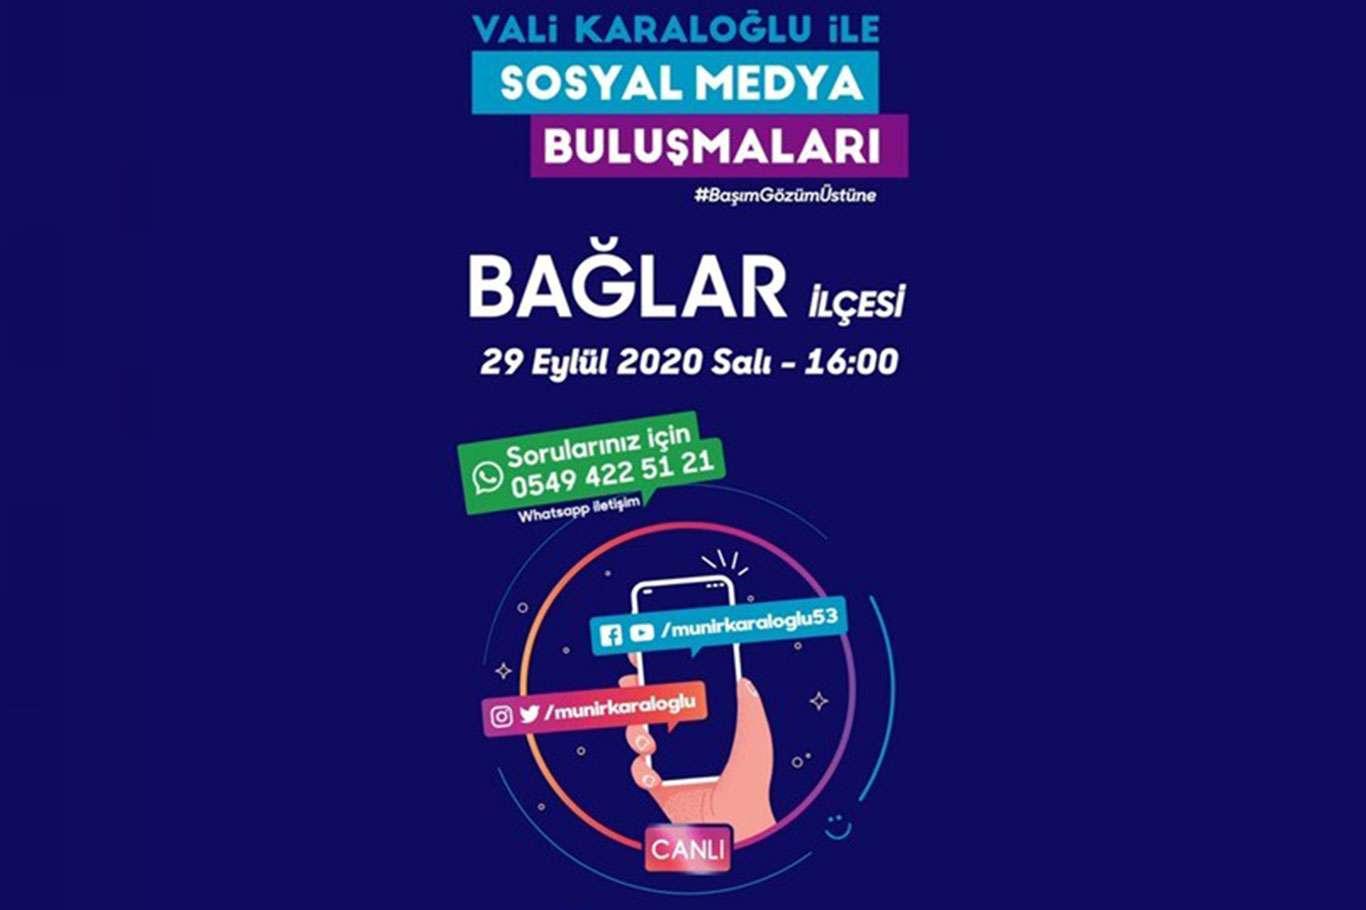 Diyarbakır Valisi Karaloğlunun sosyal medya buluşmaları devam ediyor